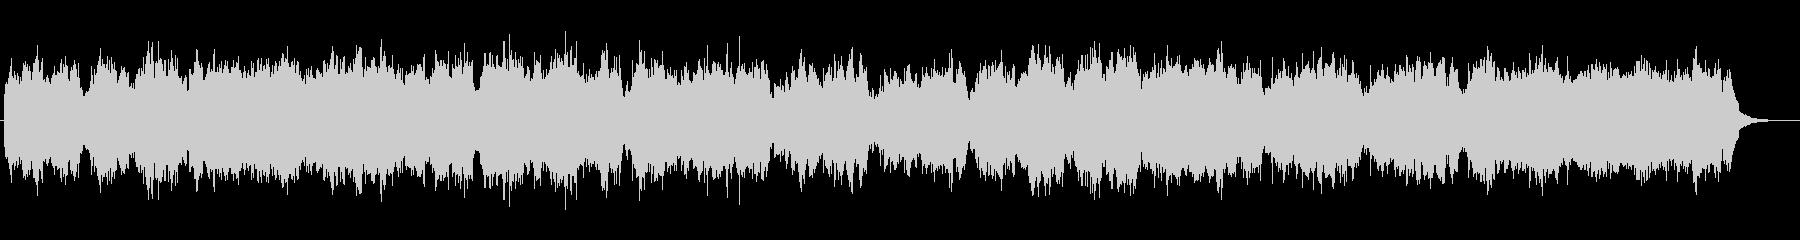 冬の雪を表現したストリングスの曲の未再生の波形